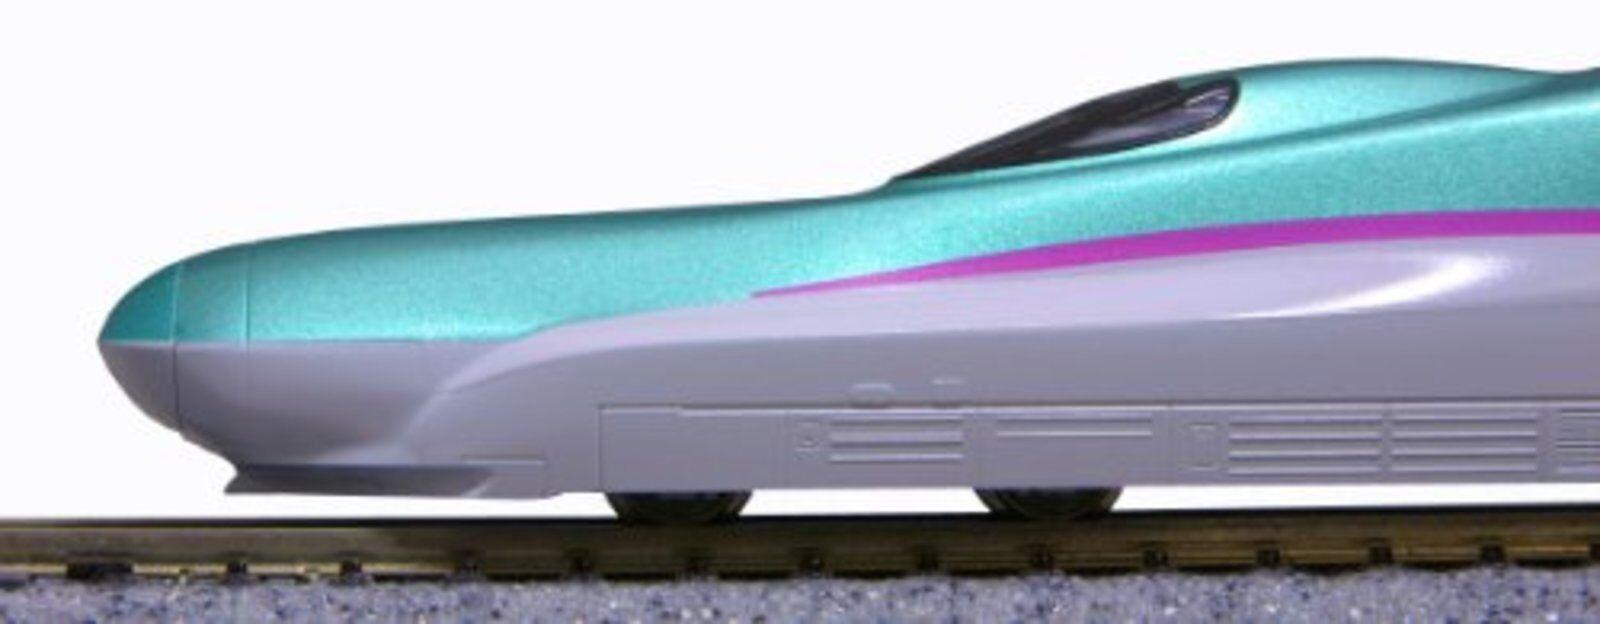 Kato Escala N 10-857 Jr Shinkansen Tren Bala Serie E5 Hayabusa Básico 3-Coche FS